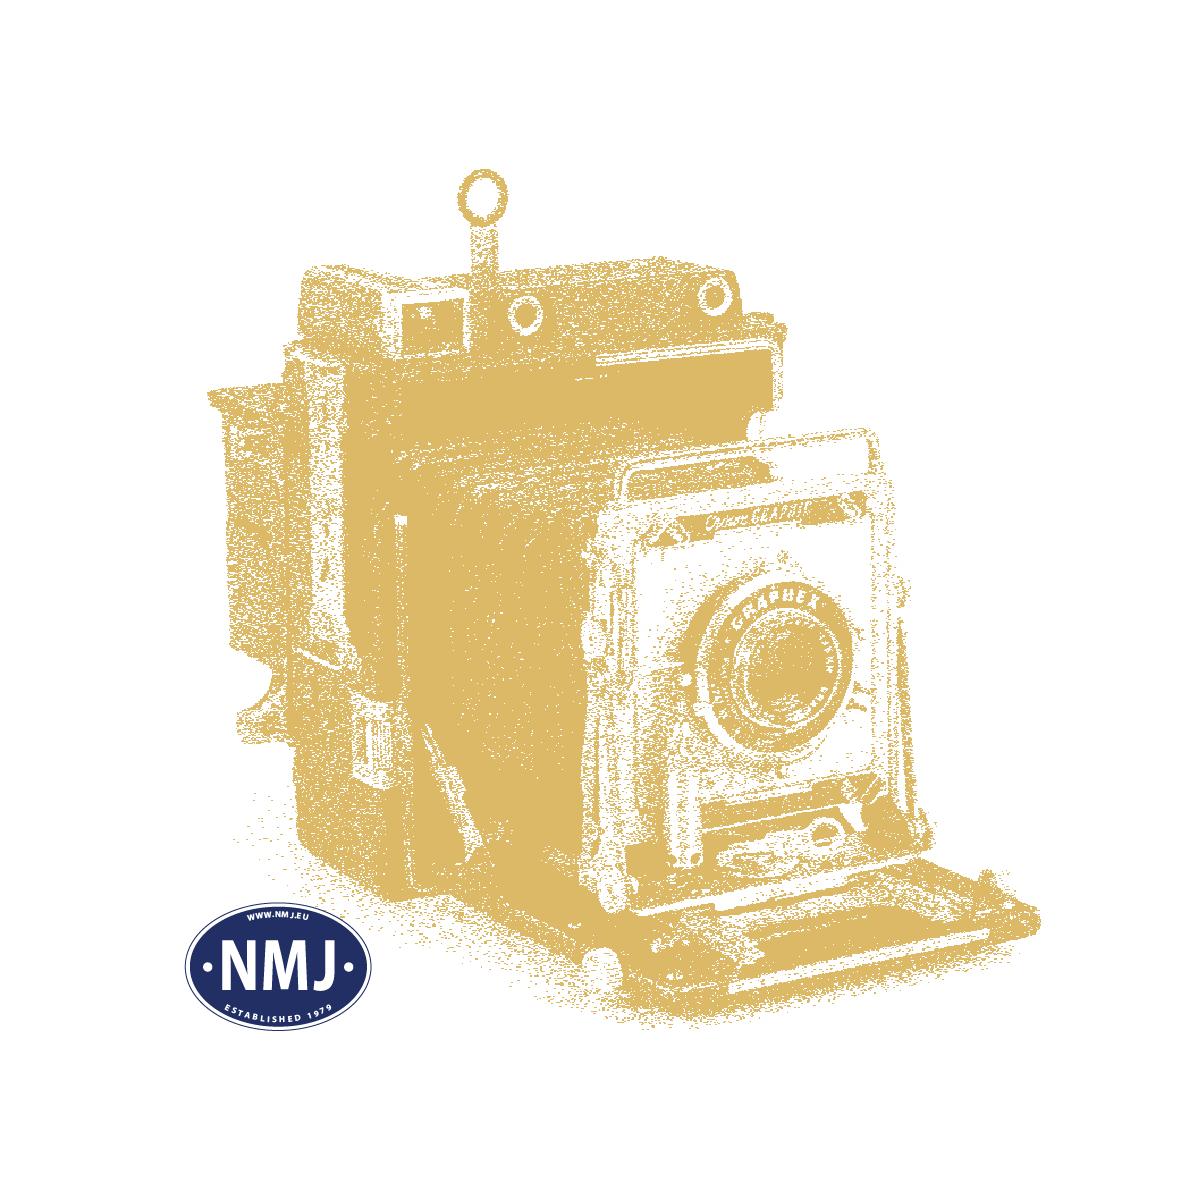 NMJH16102 - NMJ Skyline Family House, Wooden kit